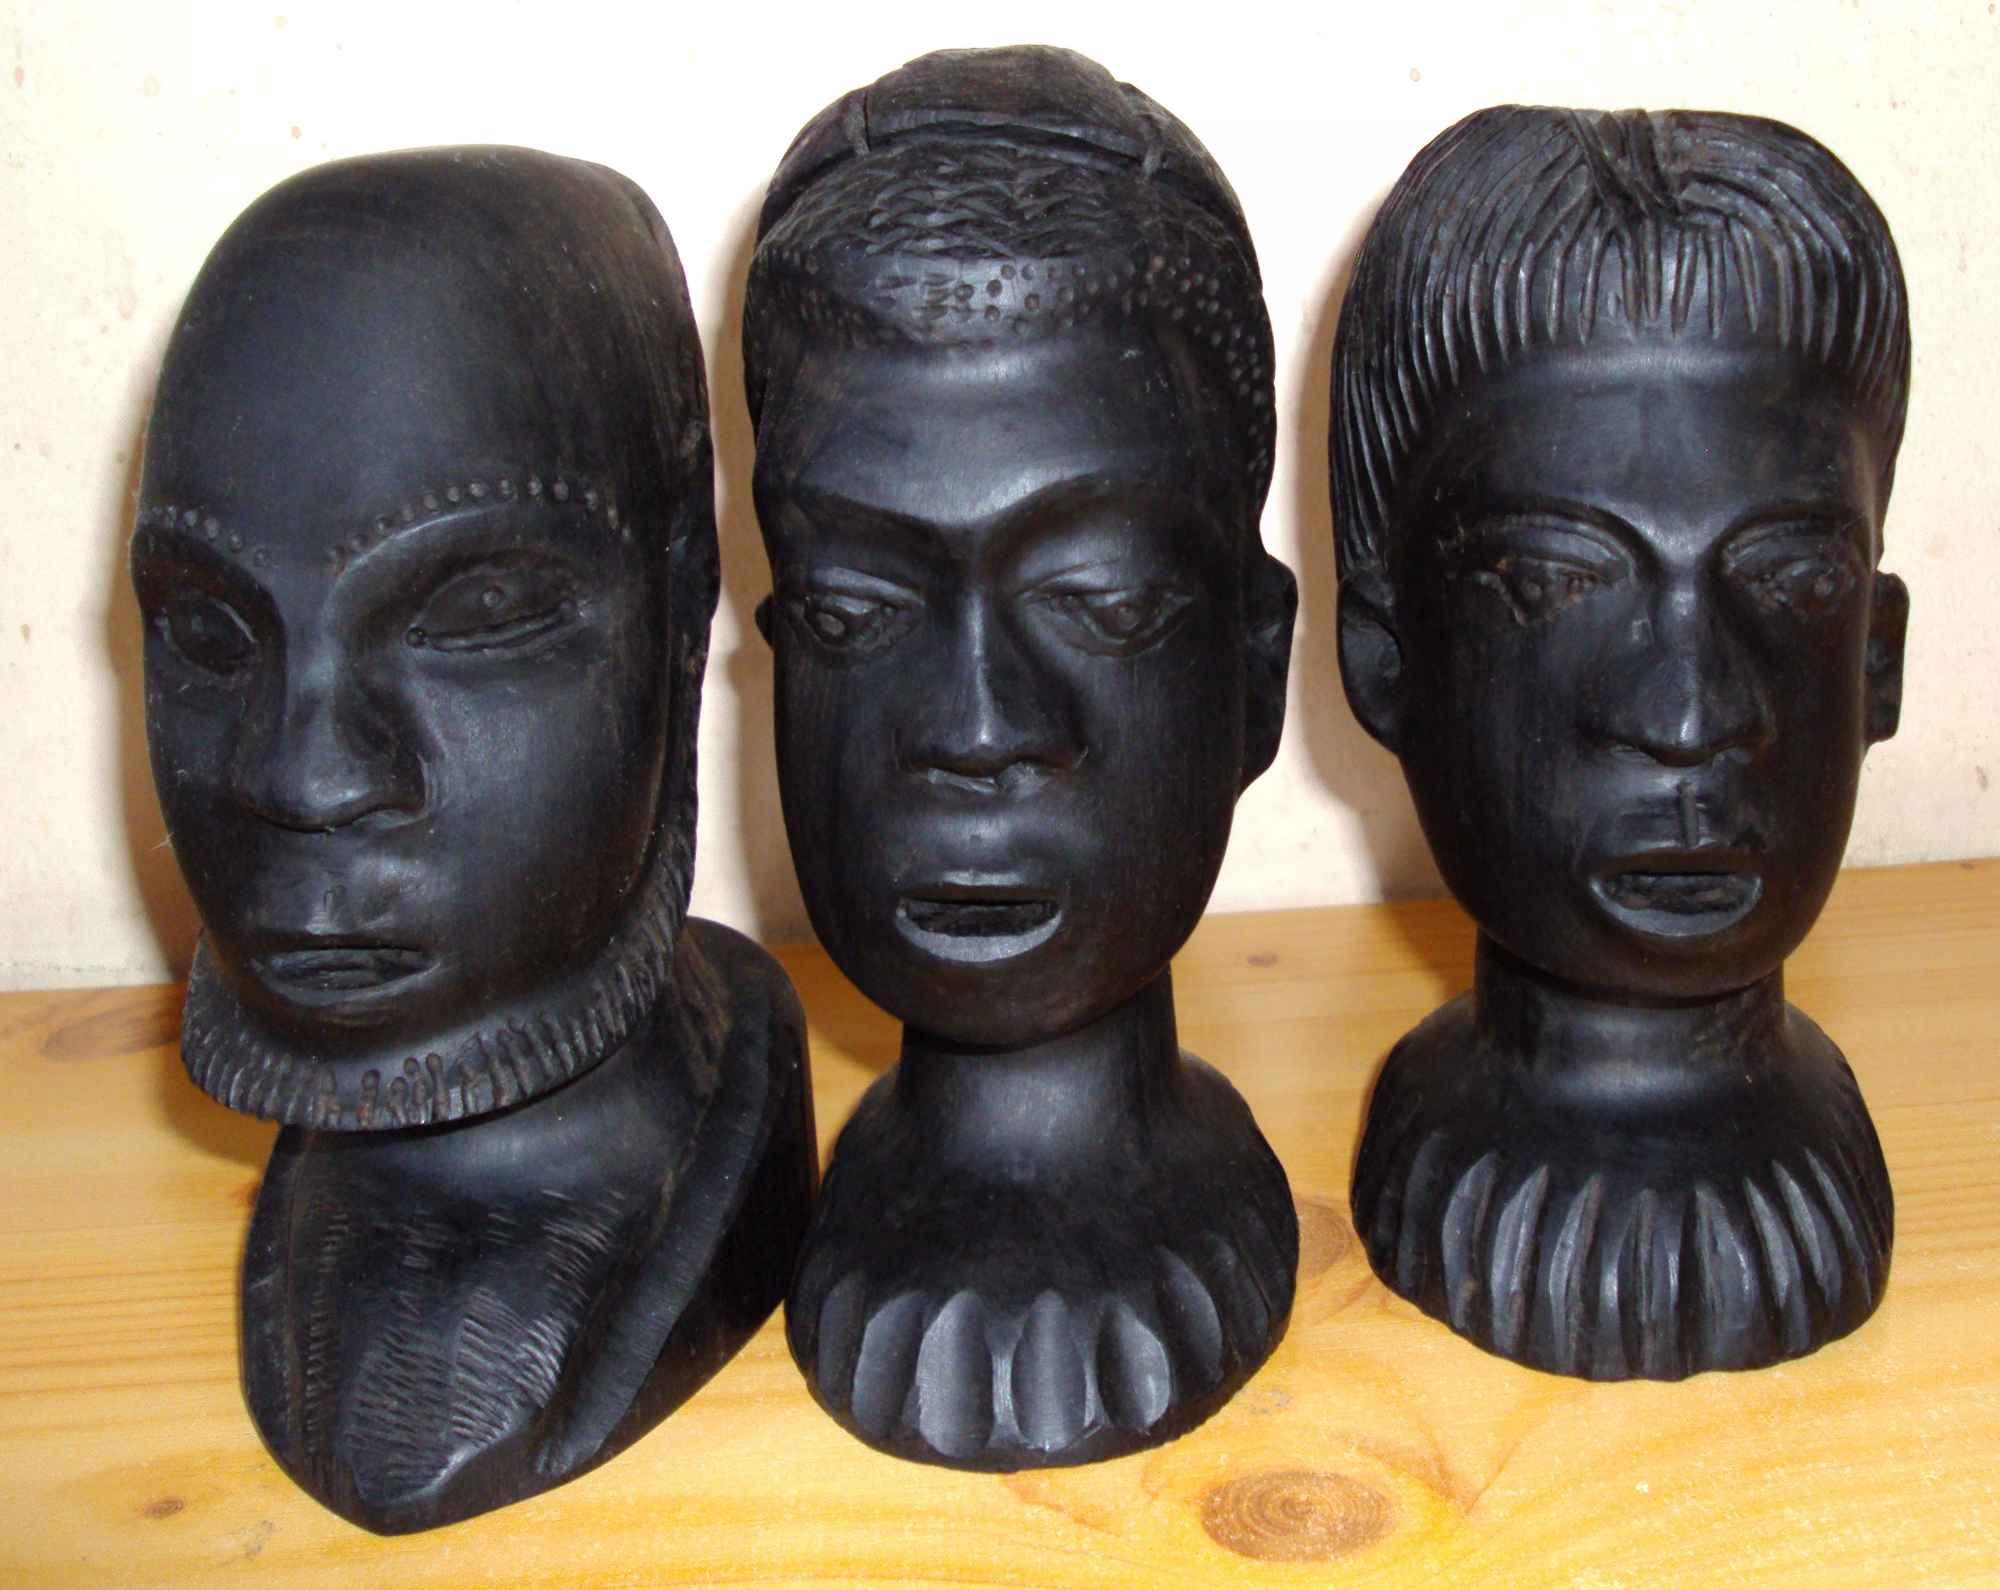 Sztuka afrykańska - 3 głowy z hebanu Śródmieście - zdjęcie 2